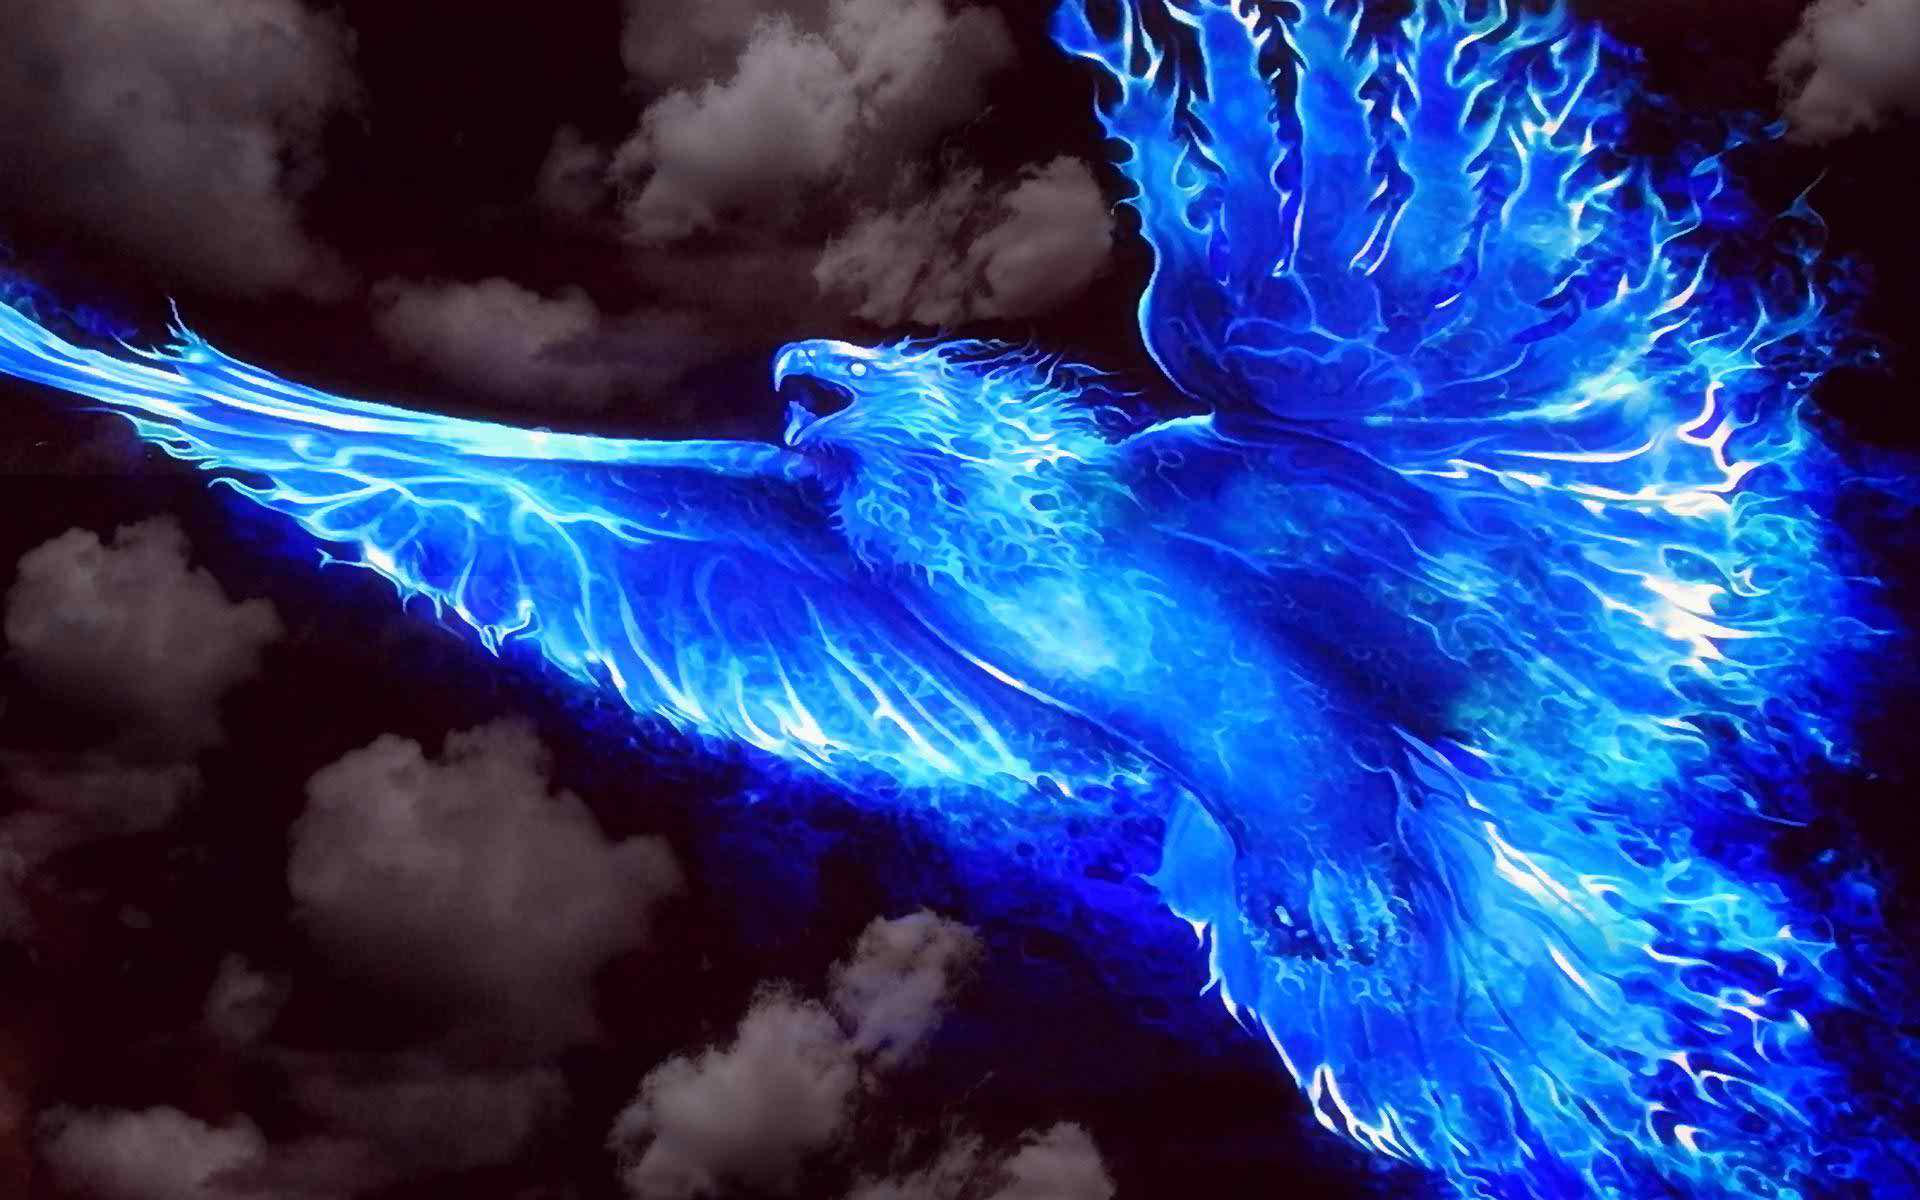 Blue Fire Wallpaper High Quality - Wickedsa com